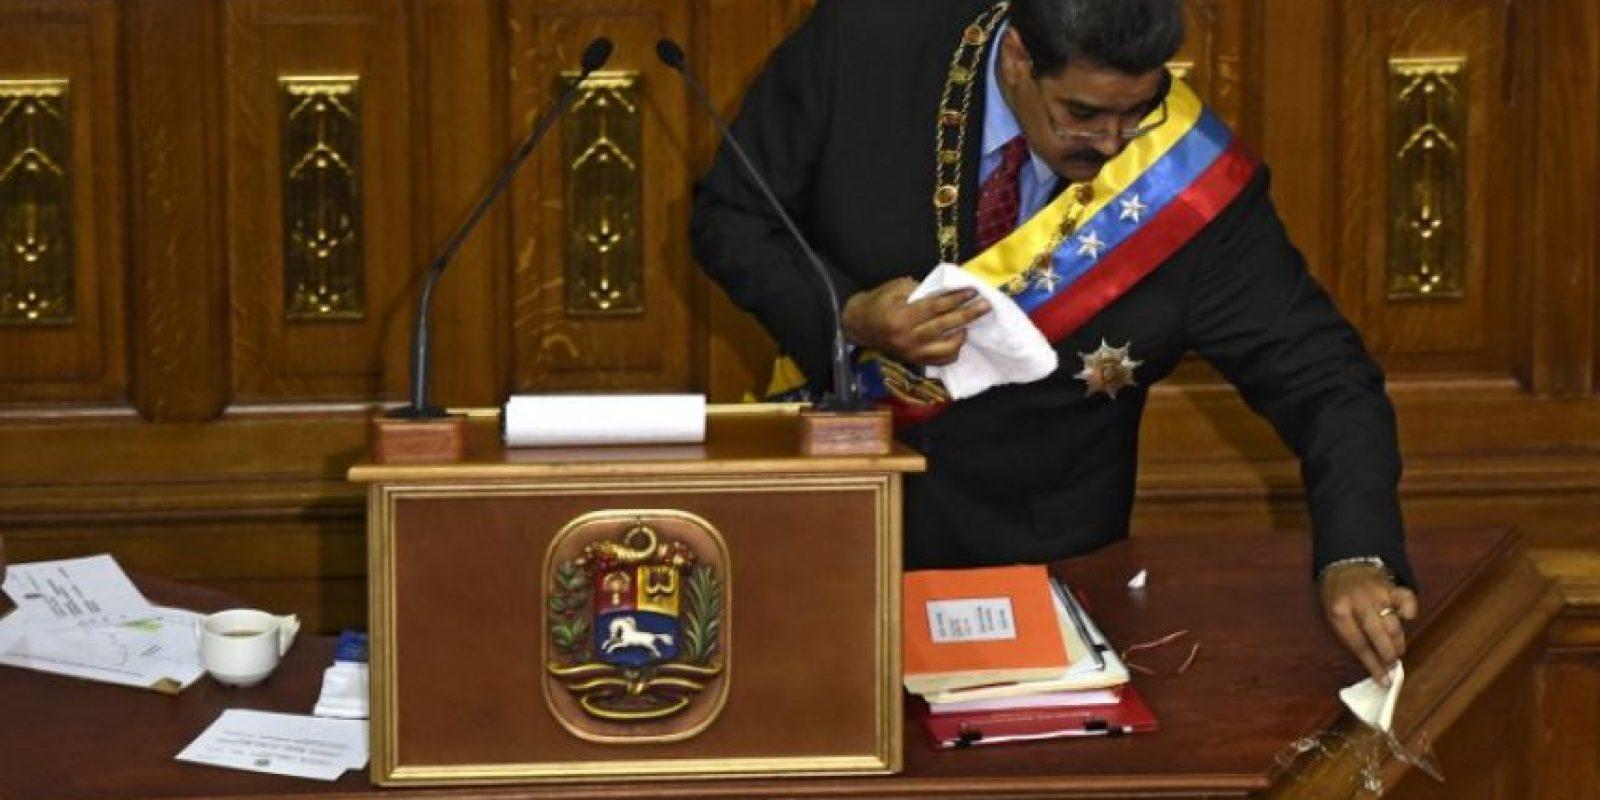 Con esta medida el gobierno puede incrementar los presupuestos que considere necesarios. Foto:AFP